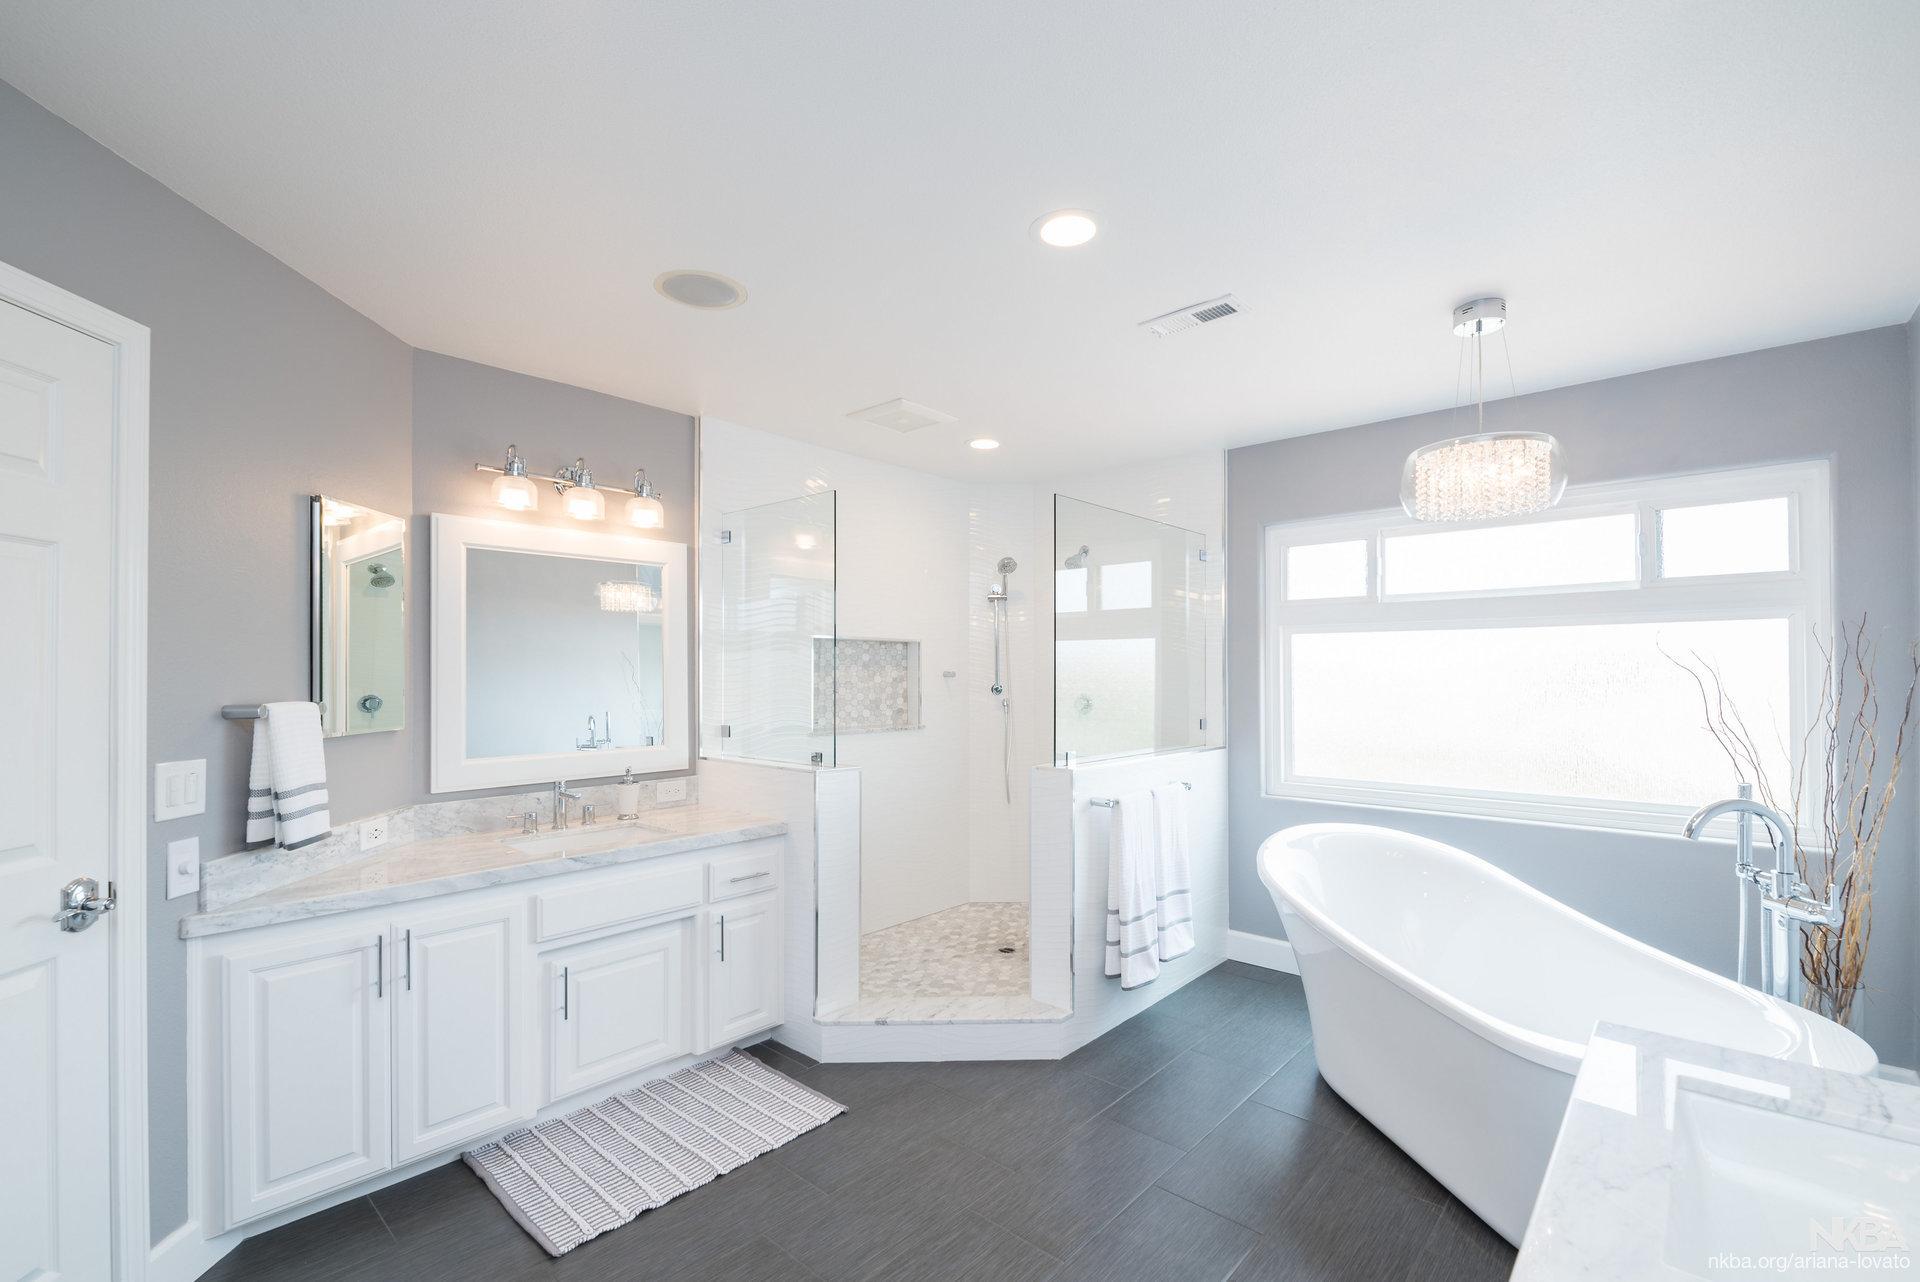 Modern Master Bathroom Remodel - NKBA